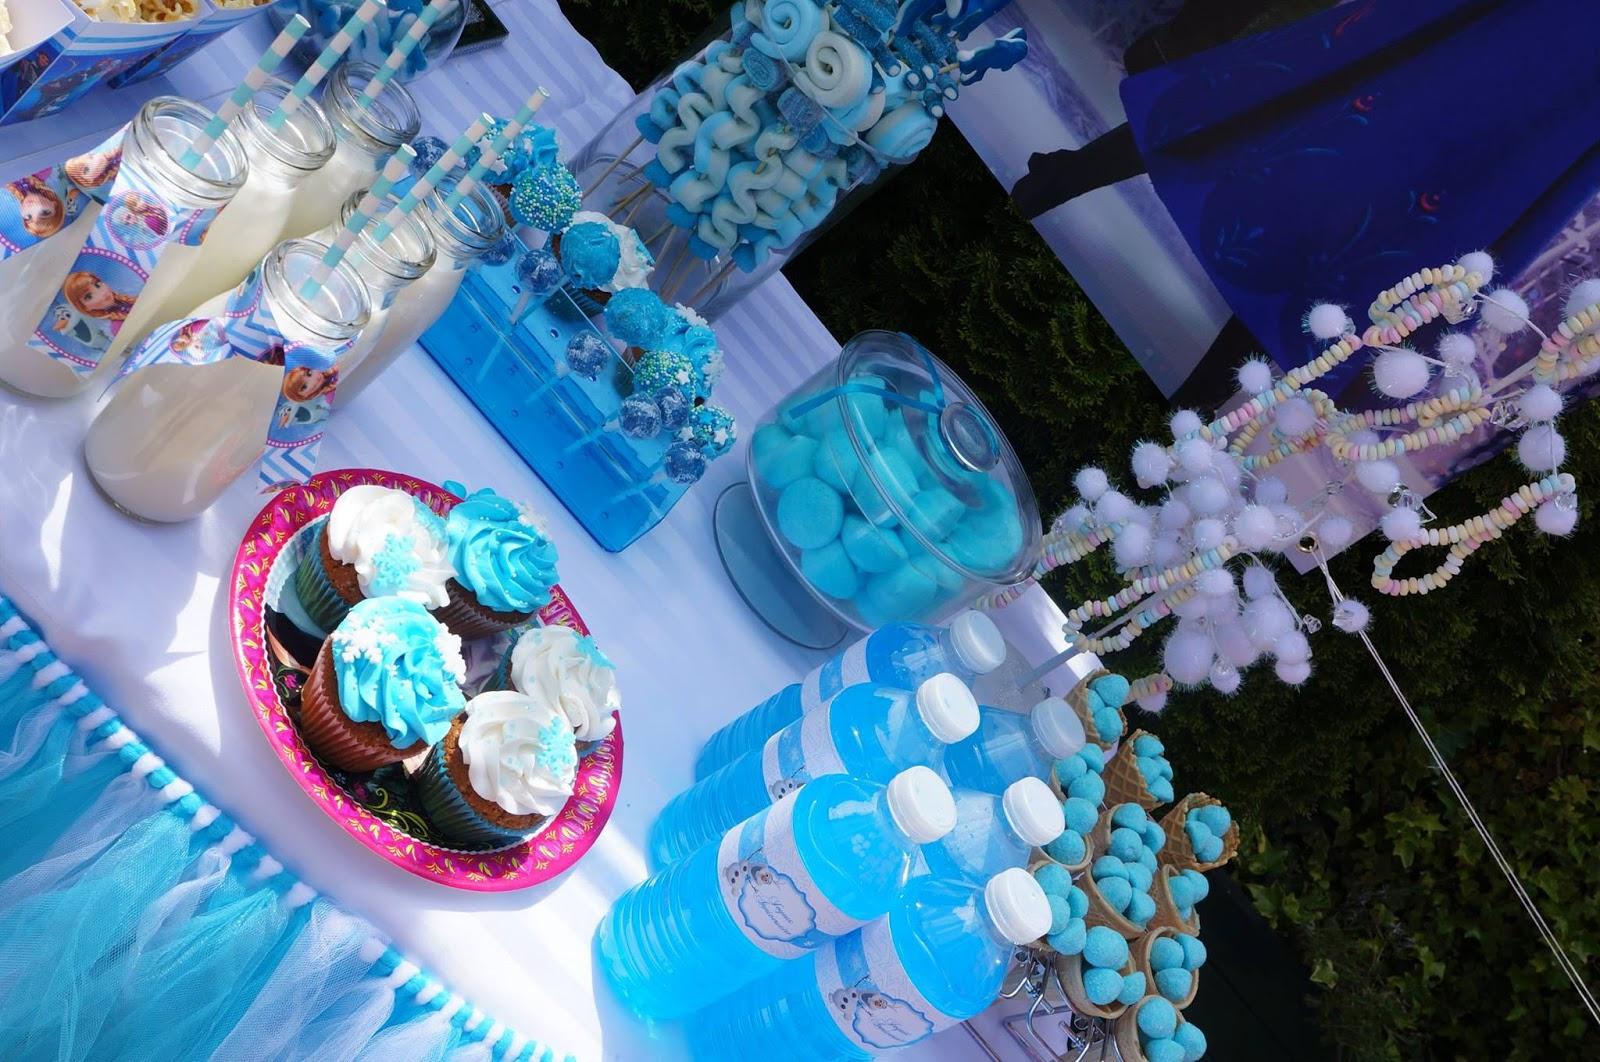 Cupcake bleus, bouteilles bleues et gourmandises au theme de la reine des neiges